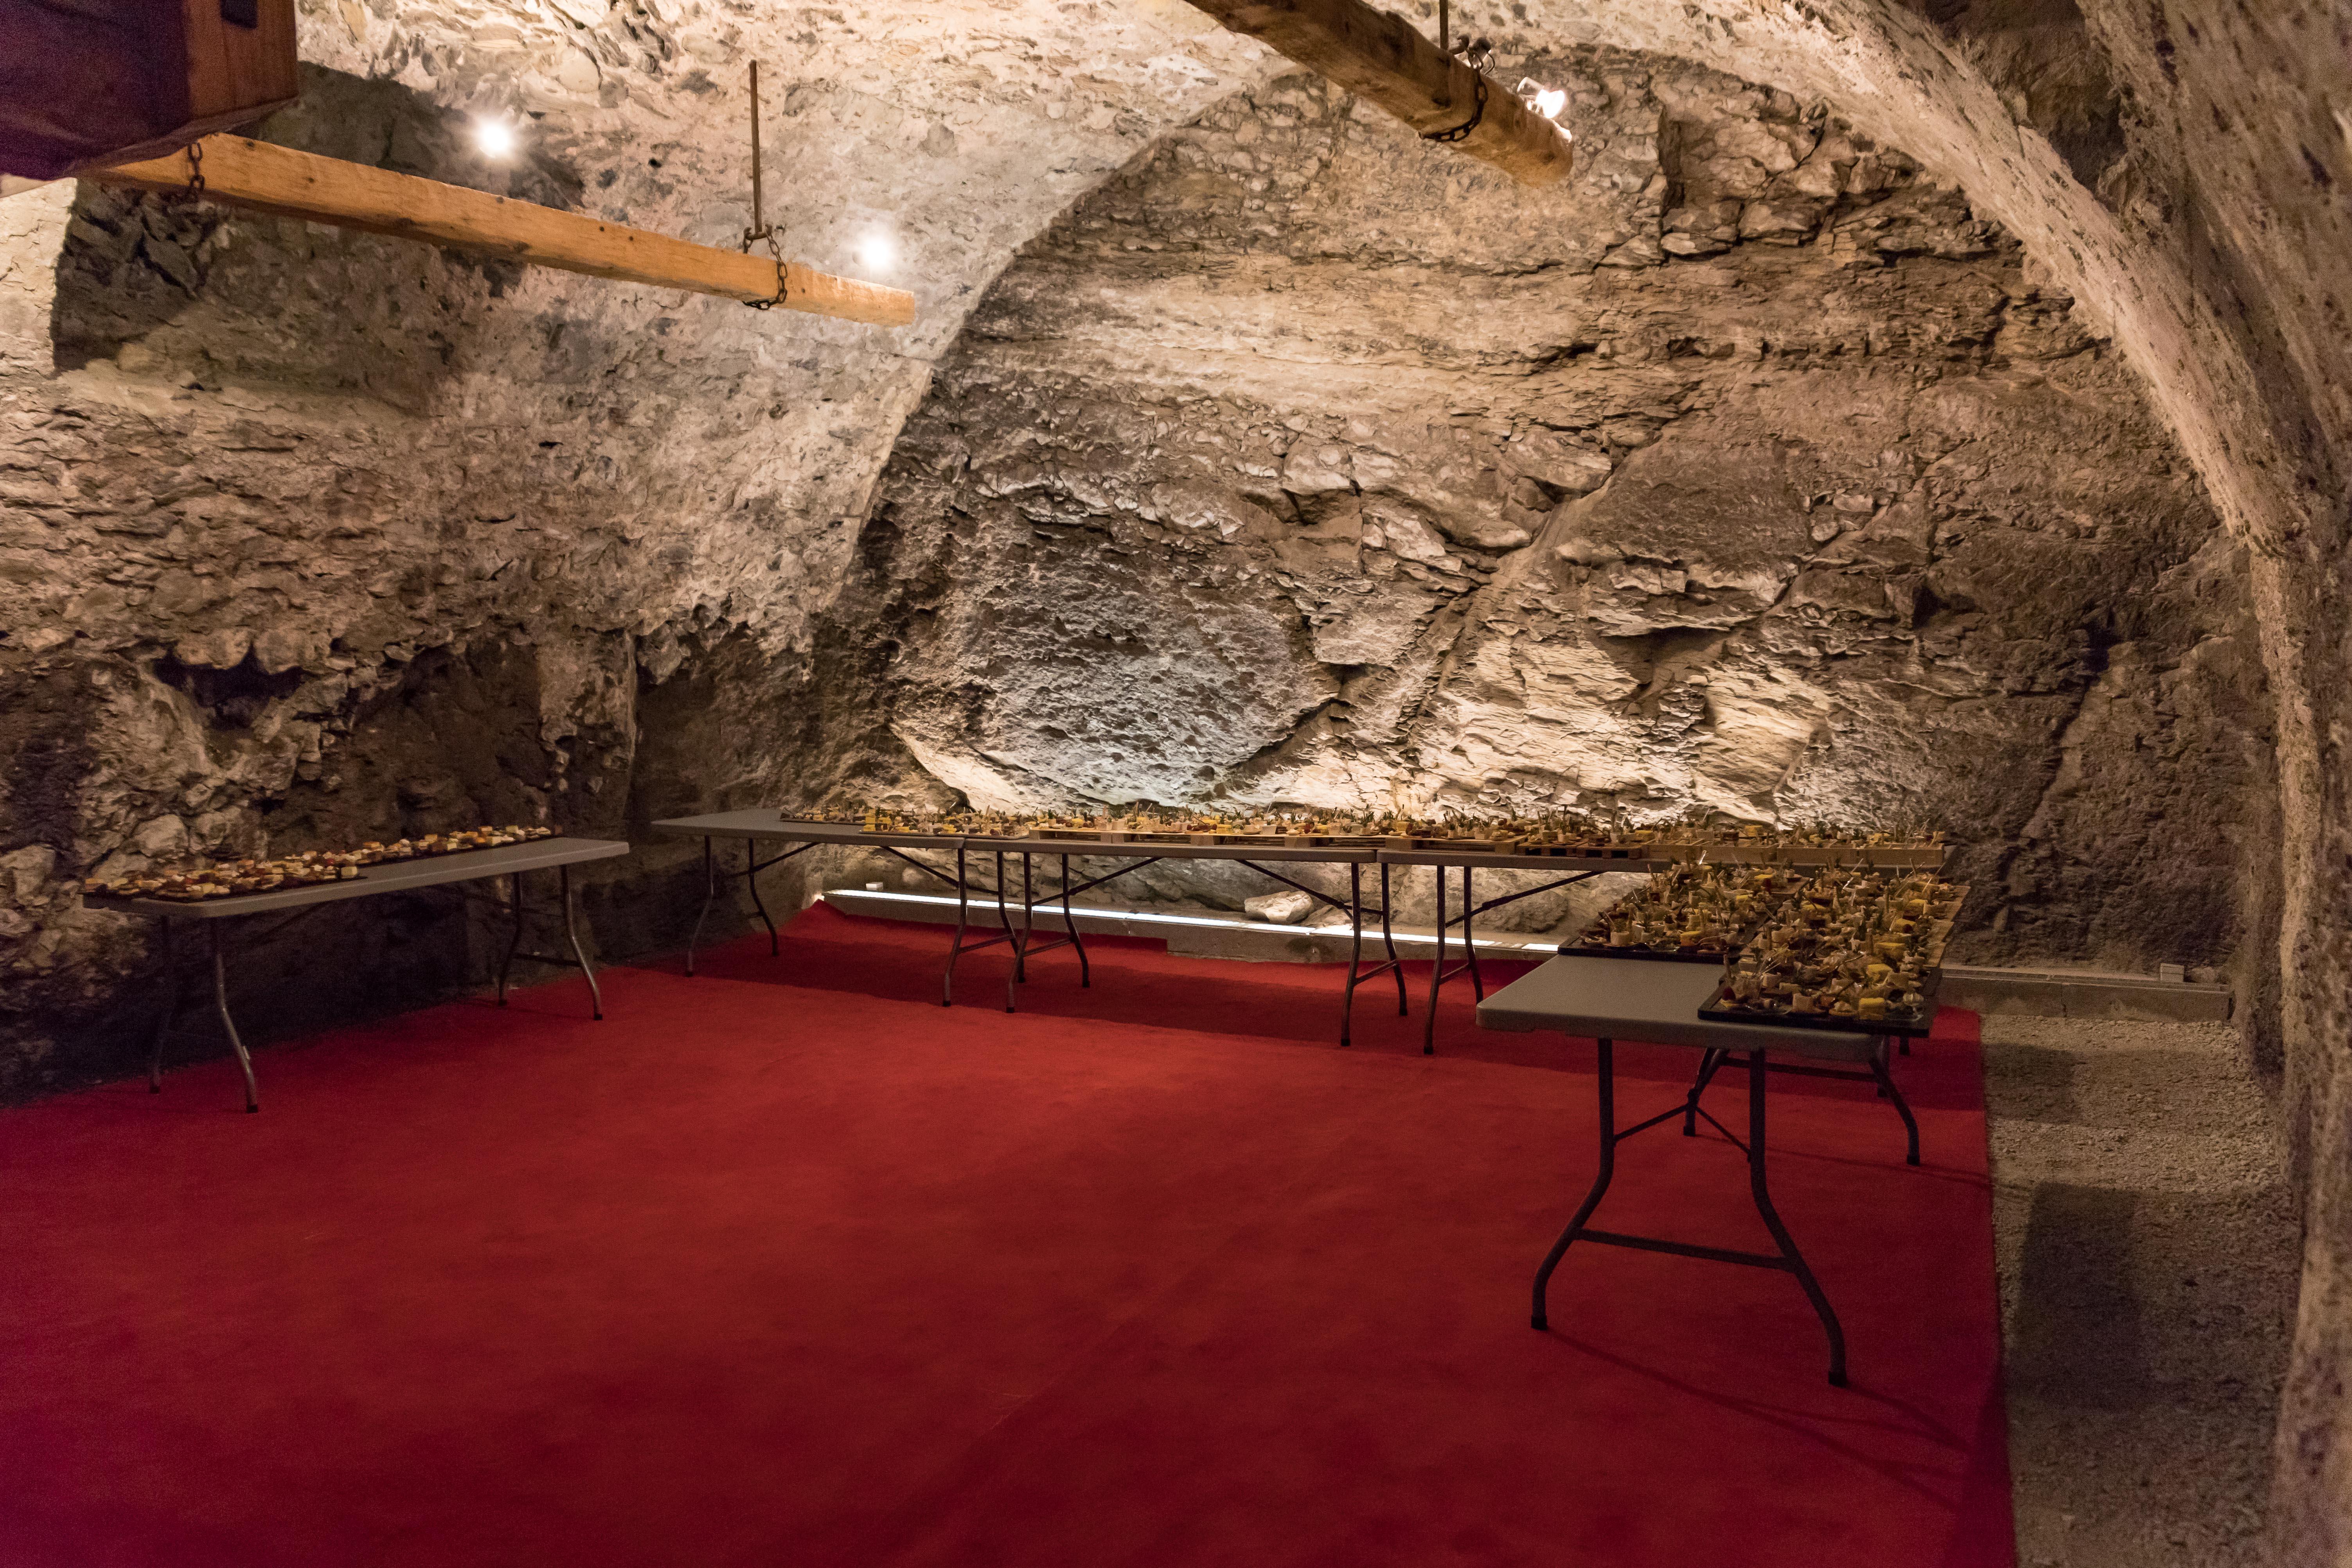 JEAN LAIN - Chateau de la Rive